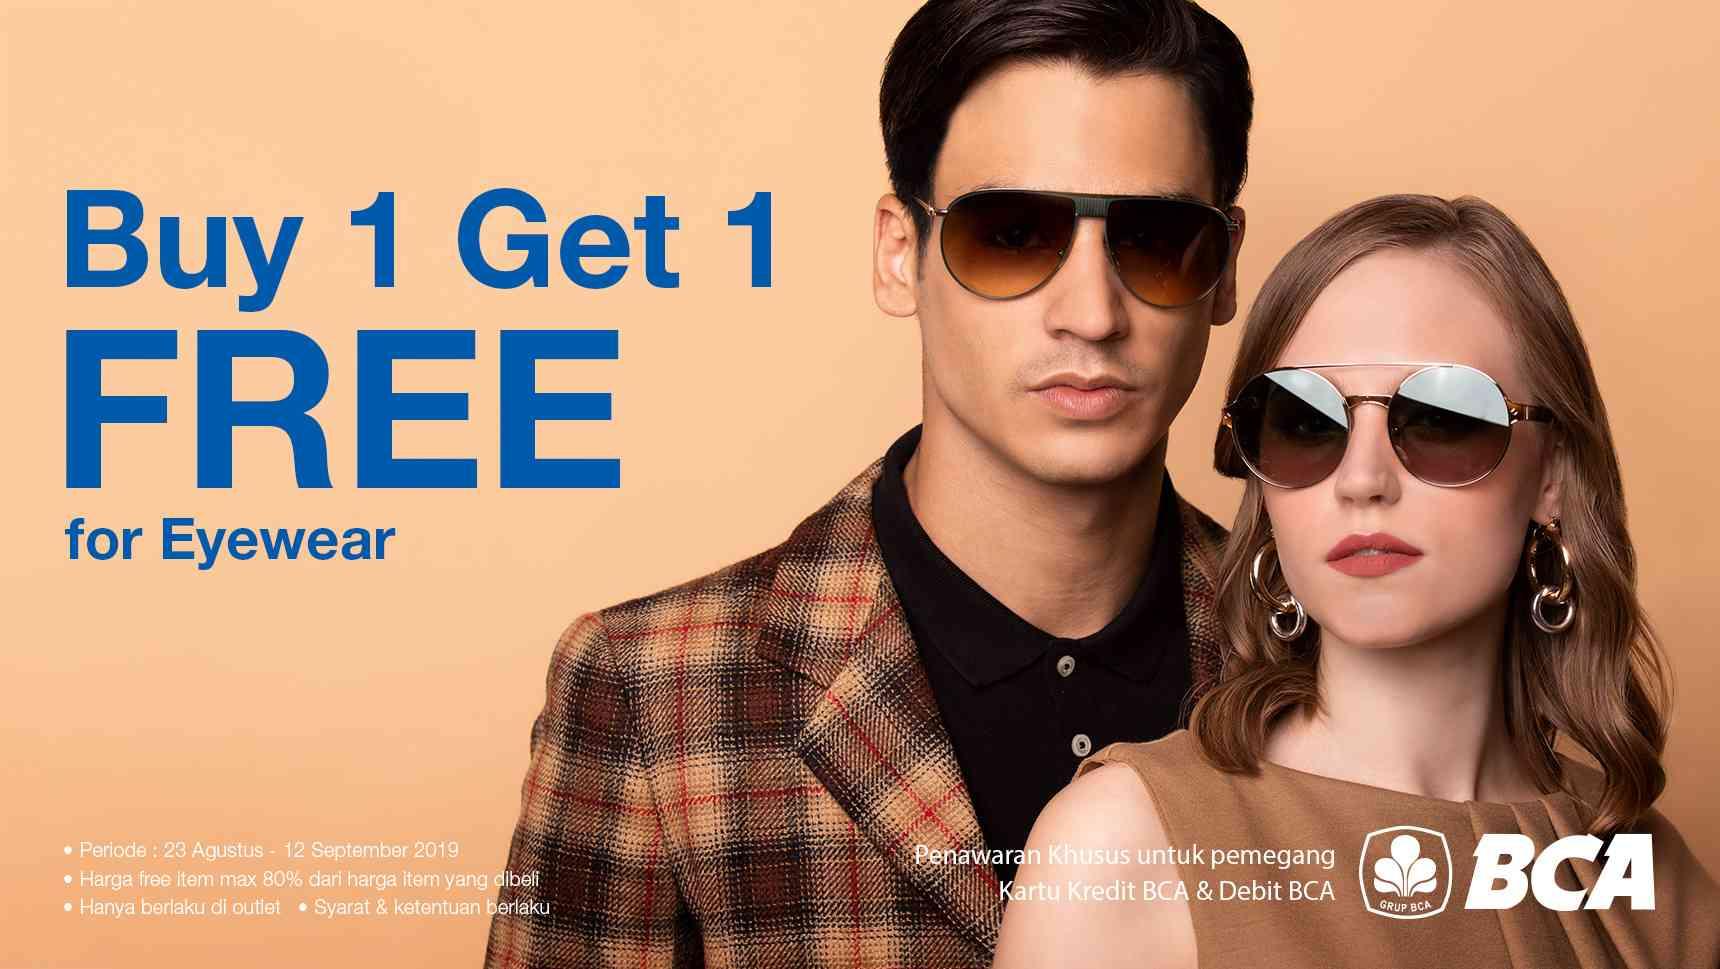 Optik Melawai Promo BUY 1 GET 1 FREE for EYEWEAR dengan KARTU DEBIT dan KARTU KREDIT BCA